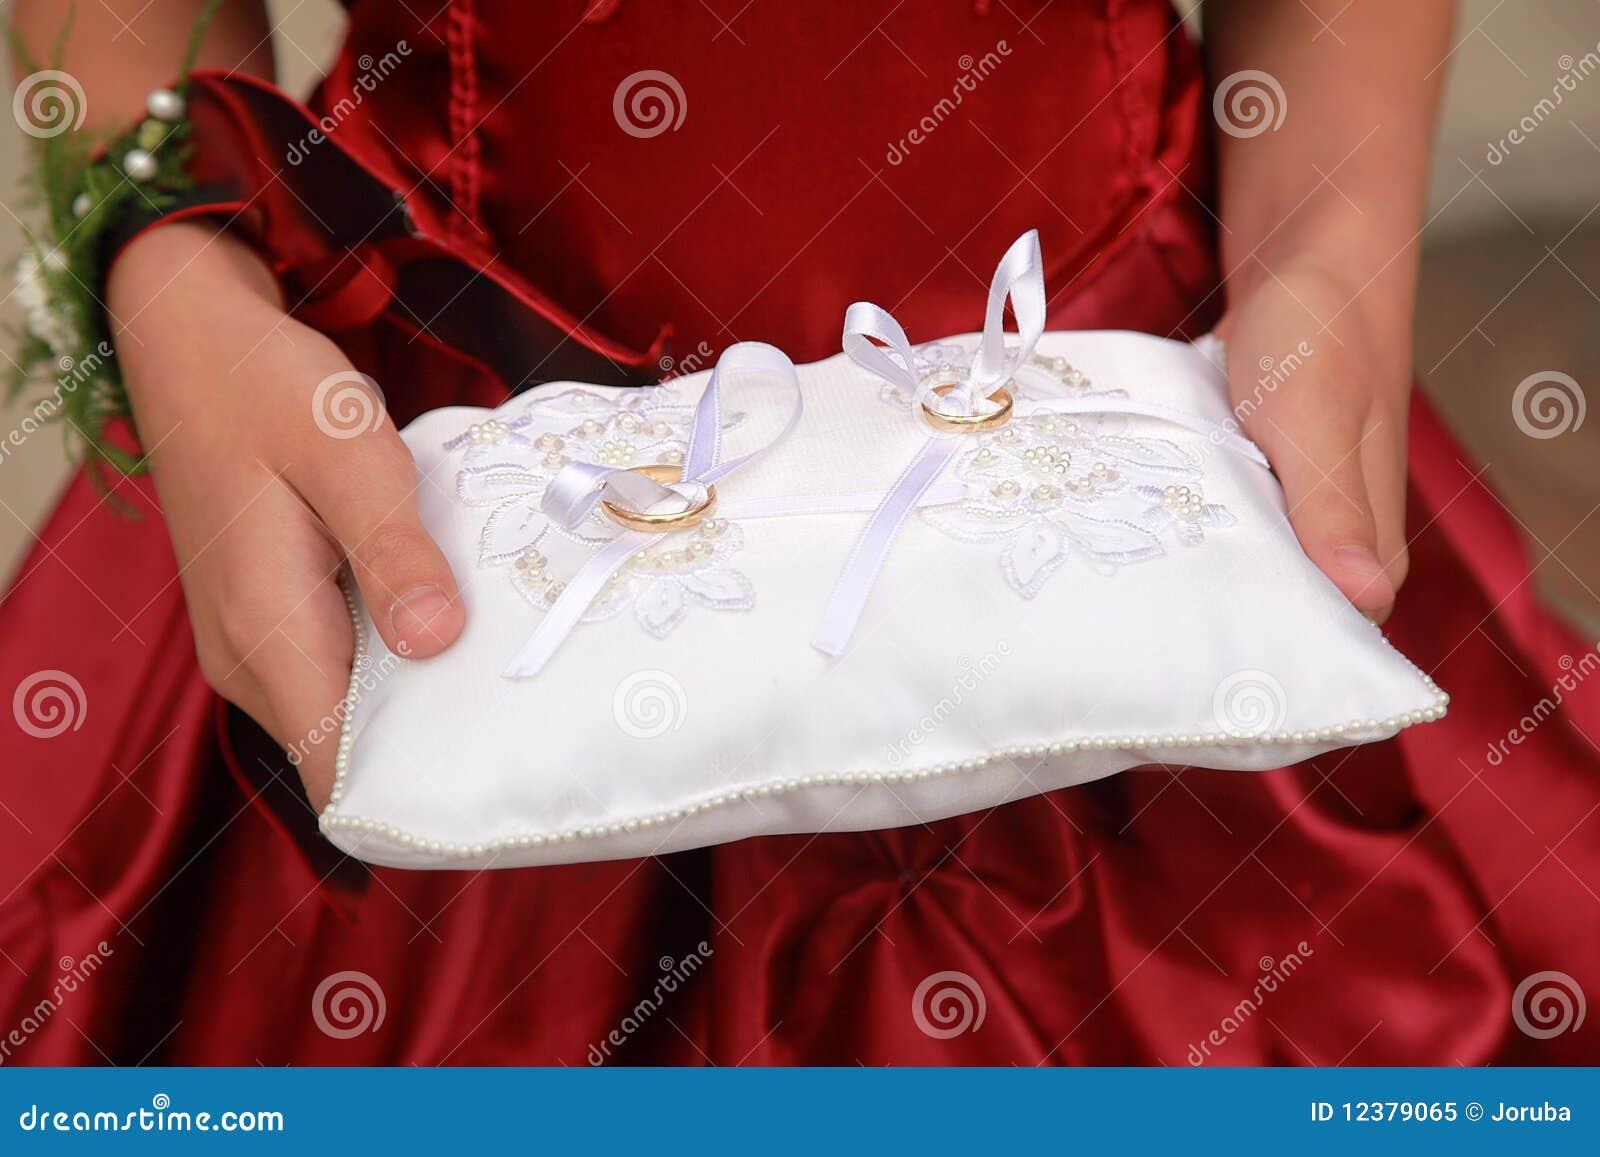 Hochzeitsringe Auf Kissen Stockbild Bild Von Verpflichtung 12379065